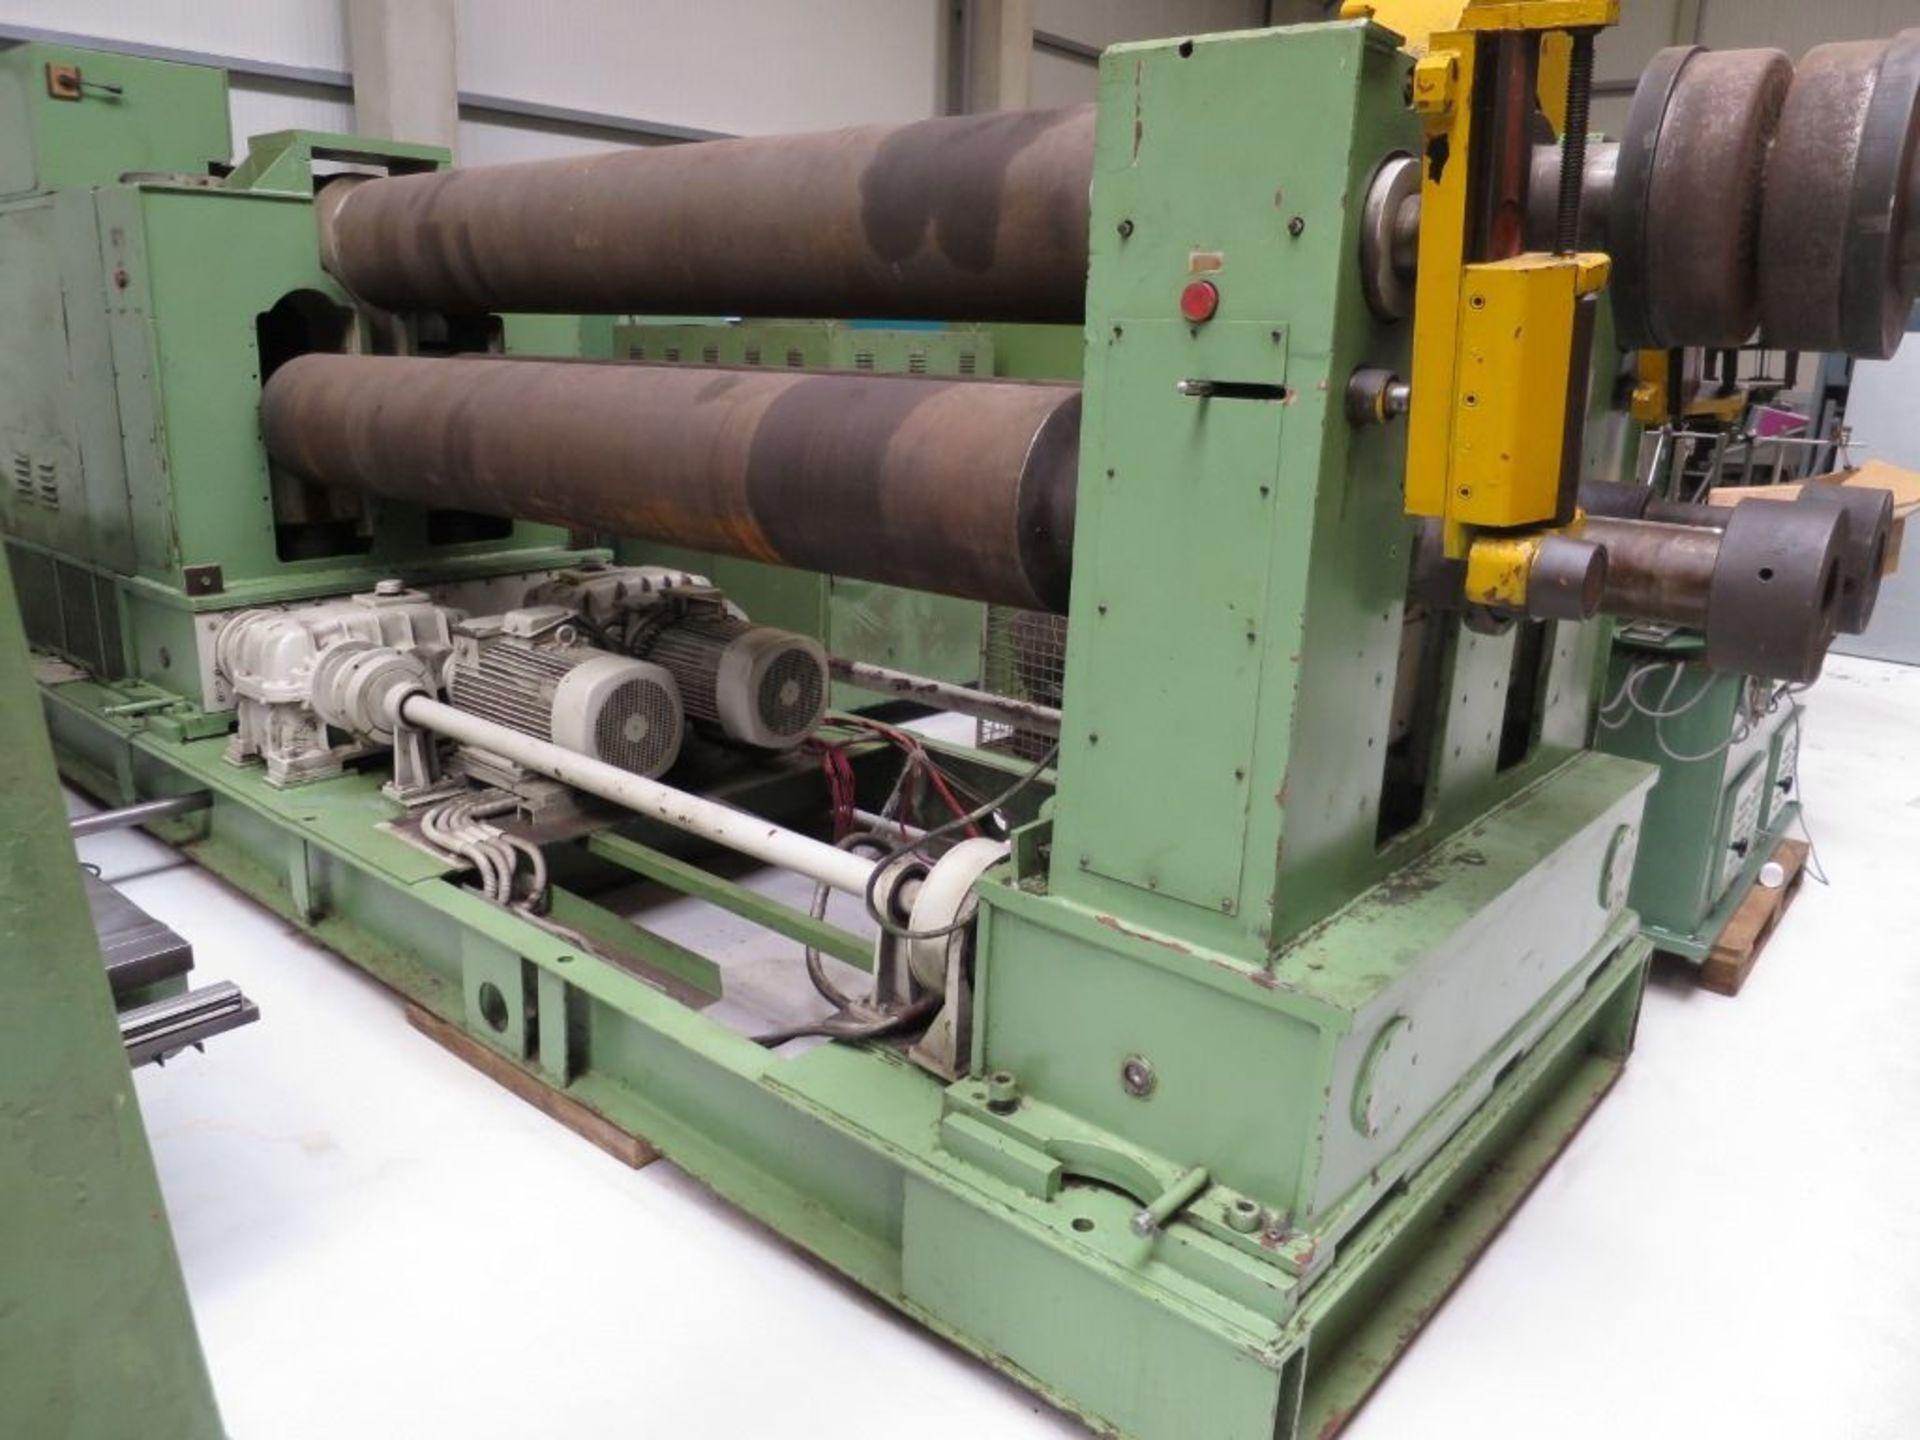 Gebrauchte Blechbearbeitungsmaschinen Konv Amp Cnc